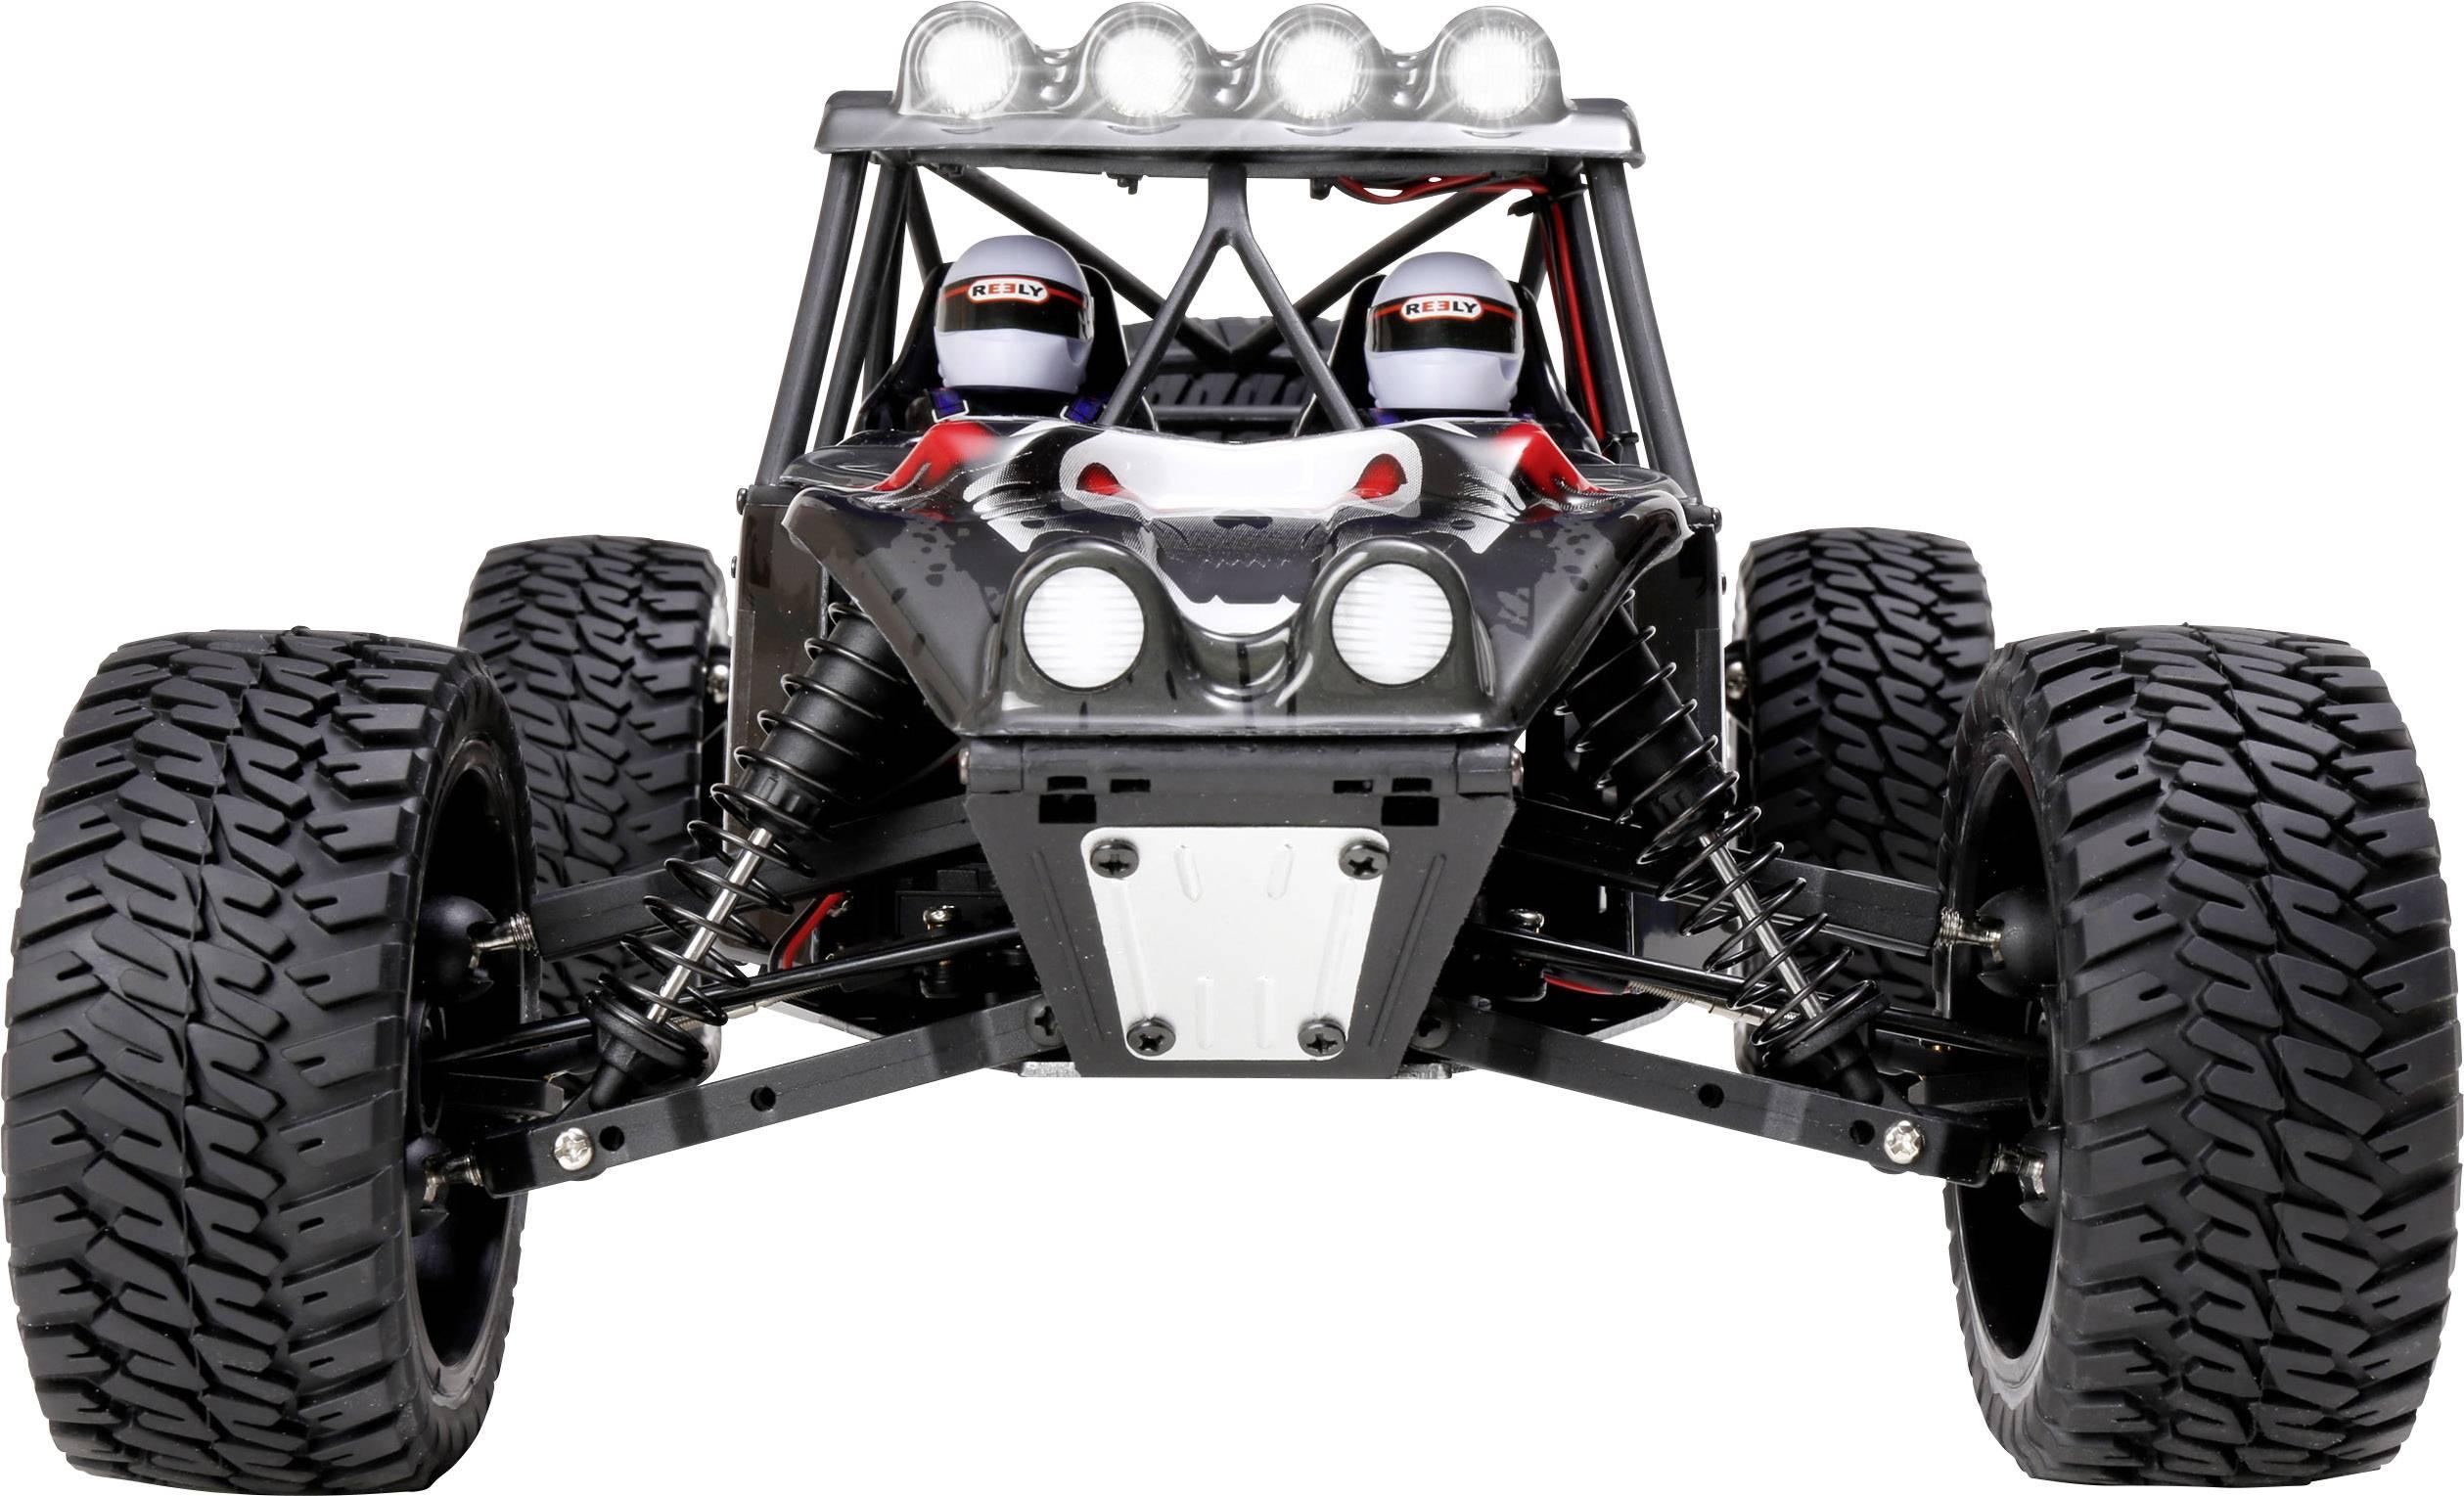 RC model auta Buggy Reely Dune Fighter 3S, střídavý (Brushless), 1:10, 4WD (4x4), RtR, 60 km/h